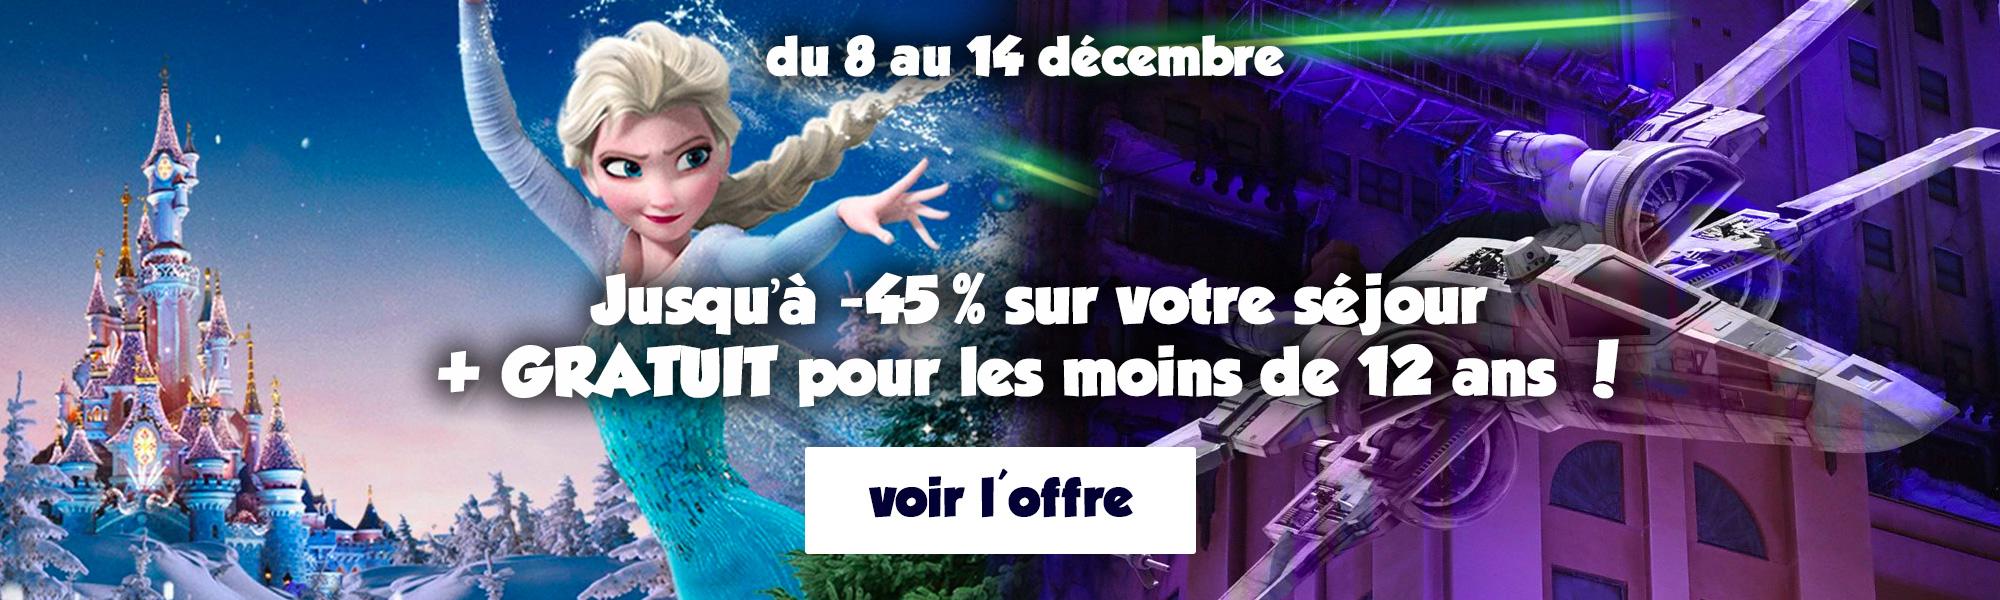 promo du moment Disneyland Paris